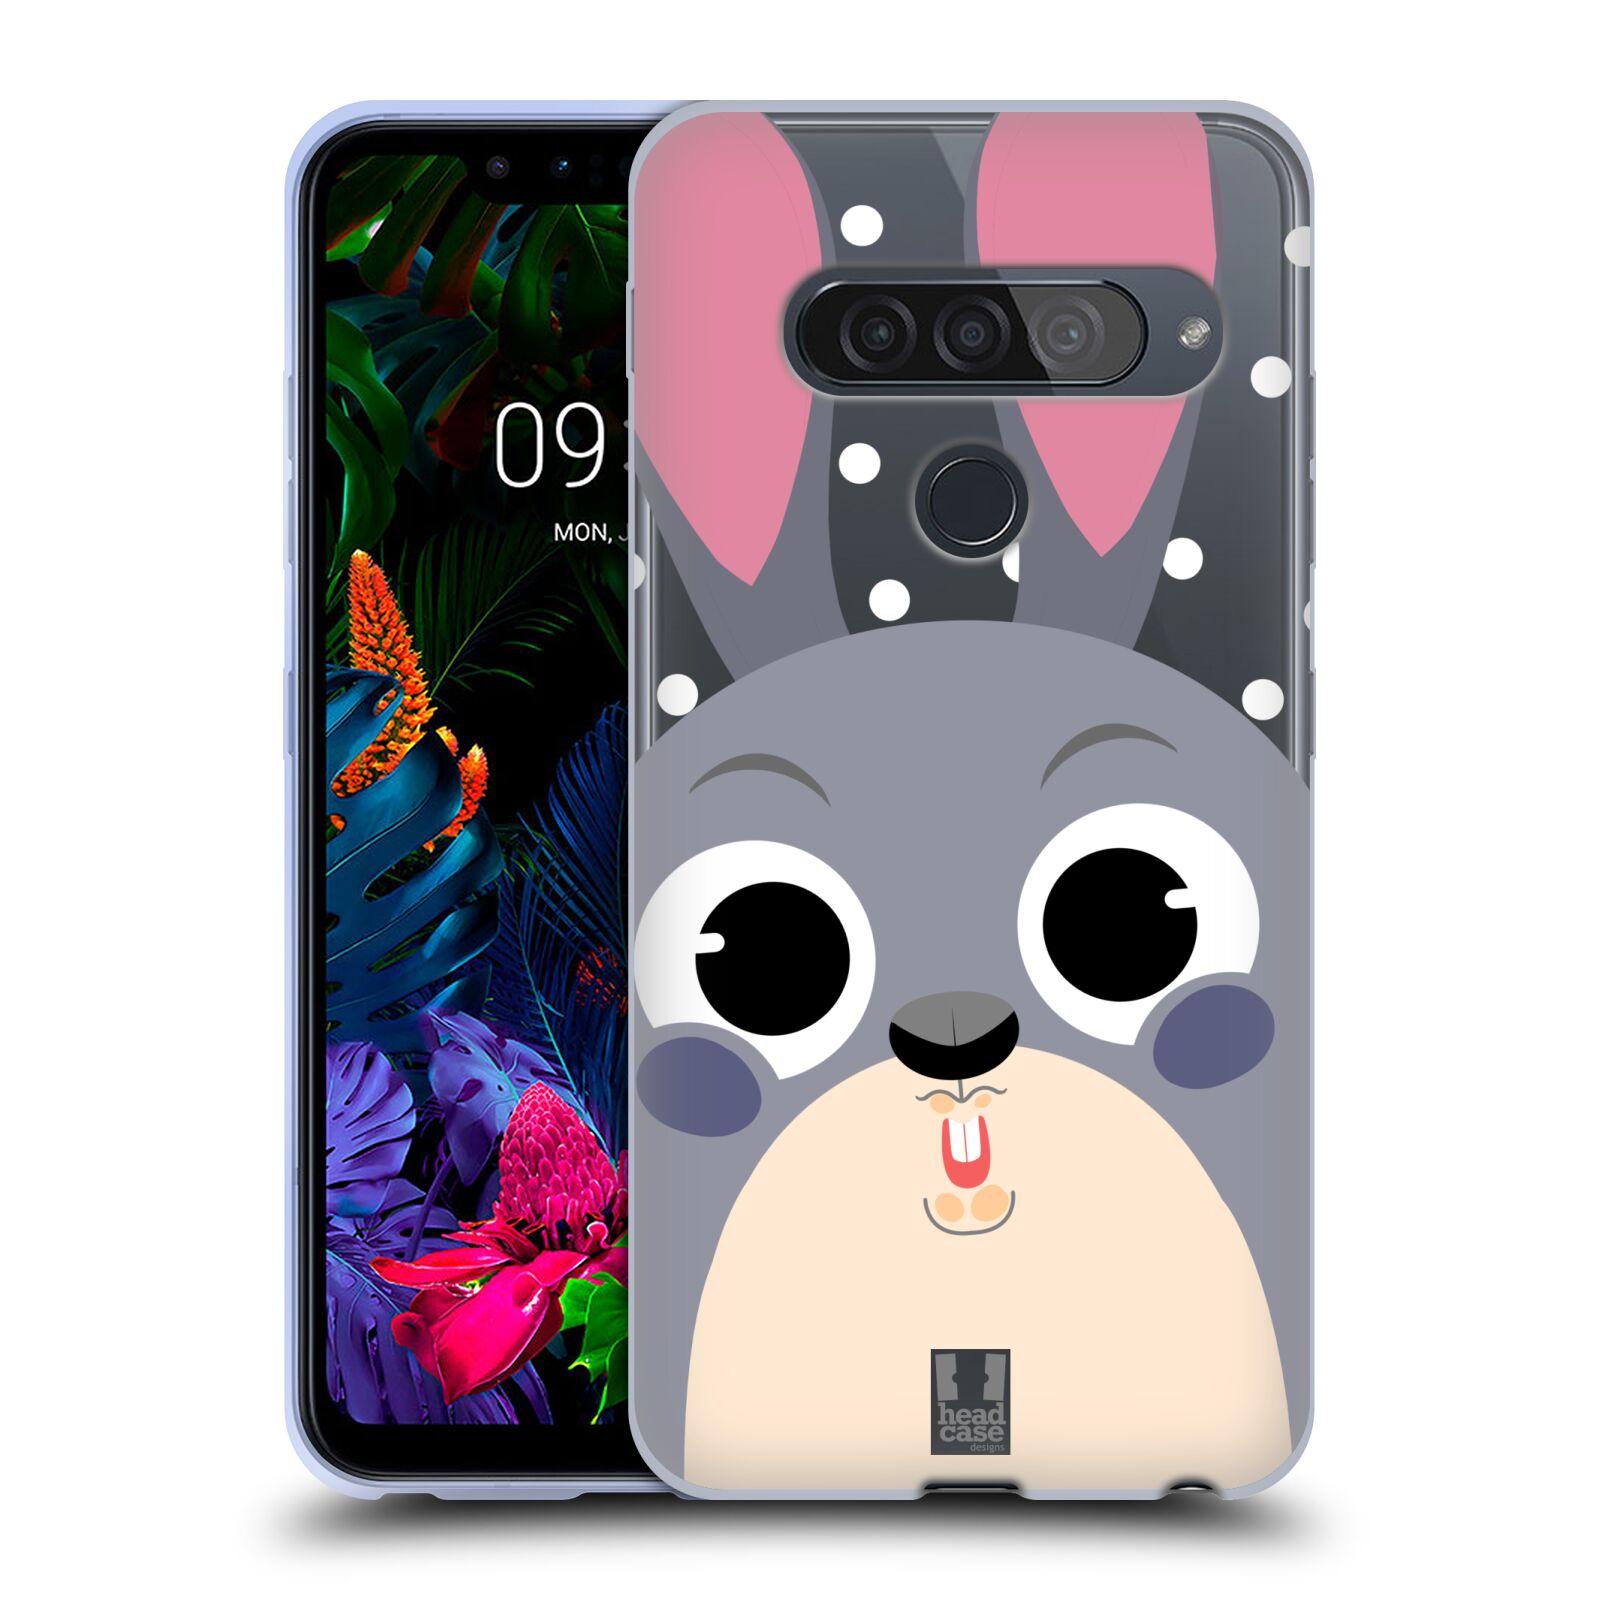 Silikonové pouzdro na mobil LG G8s ThinQ - Head Case - Králíček roztomilouš